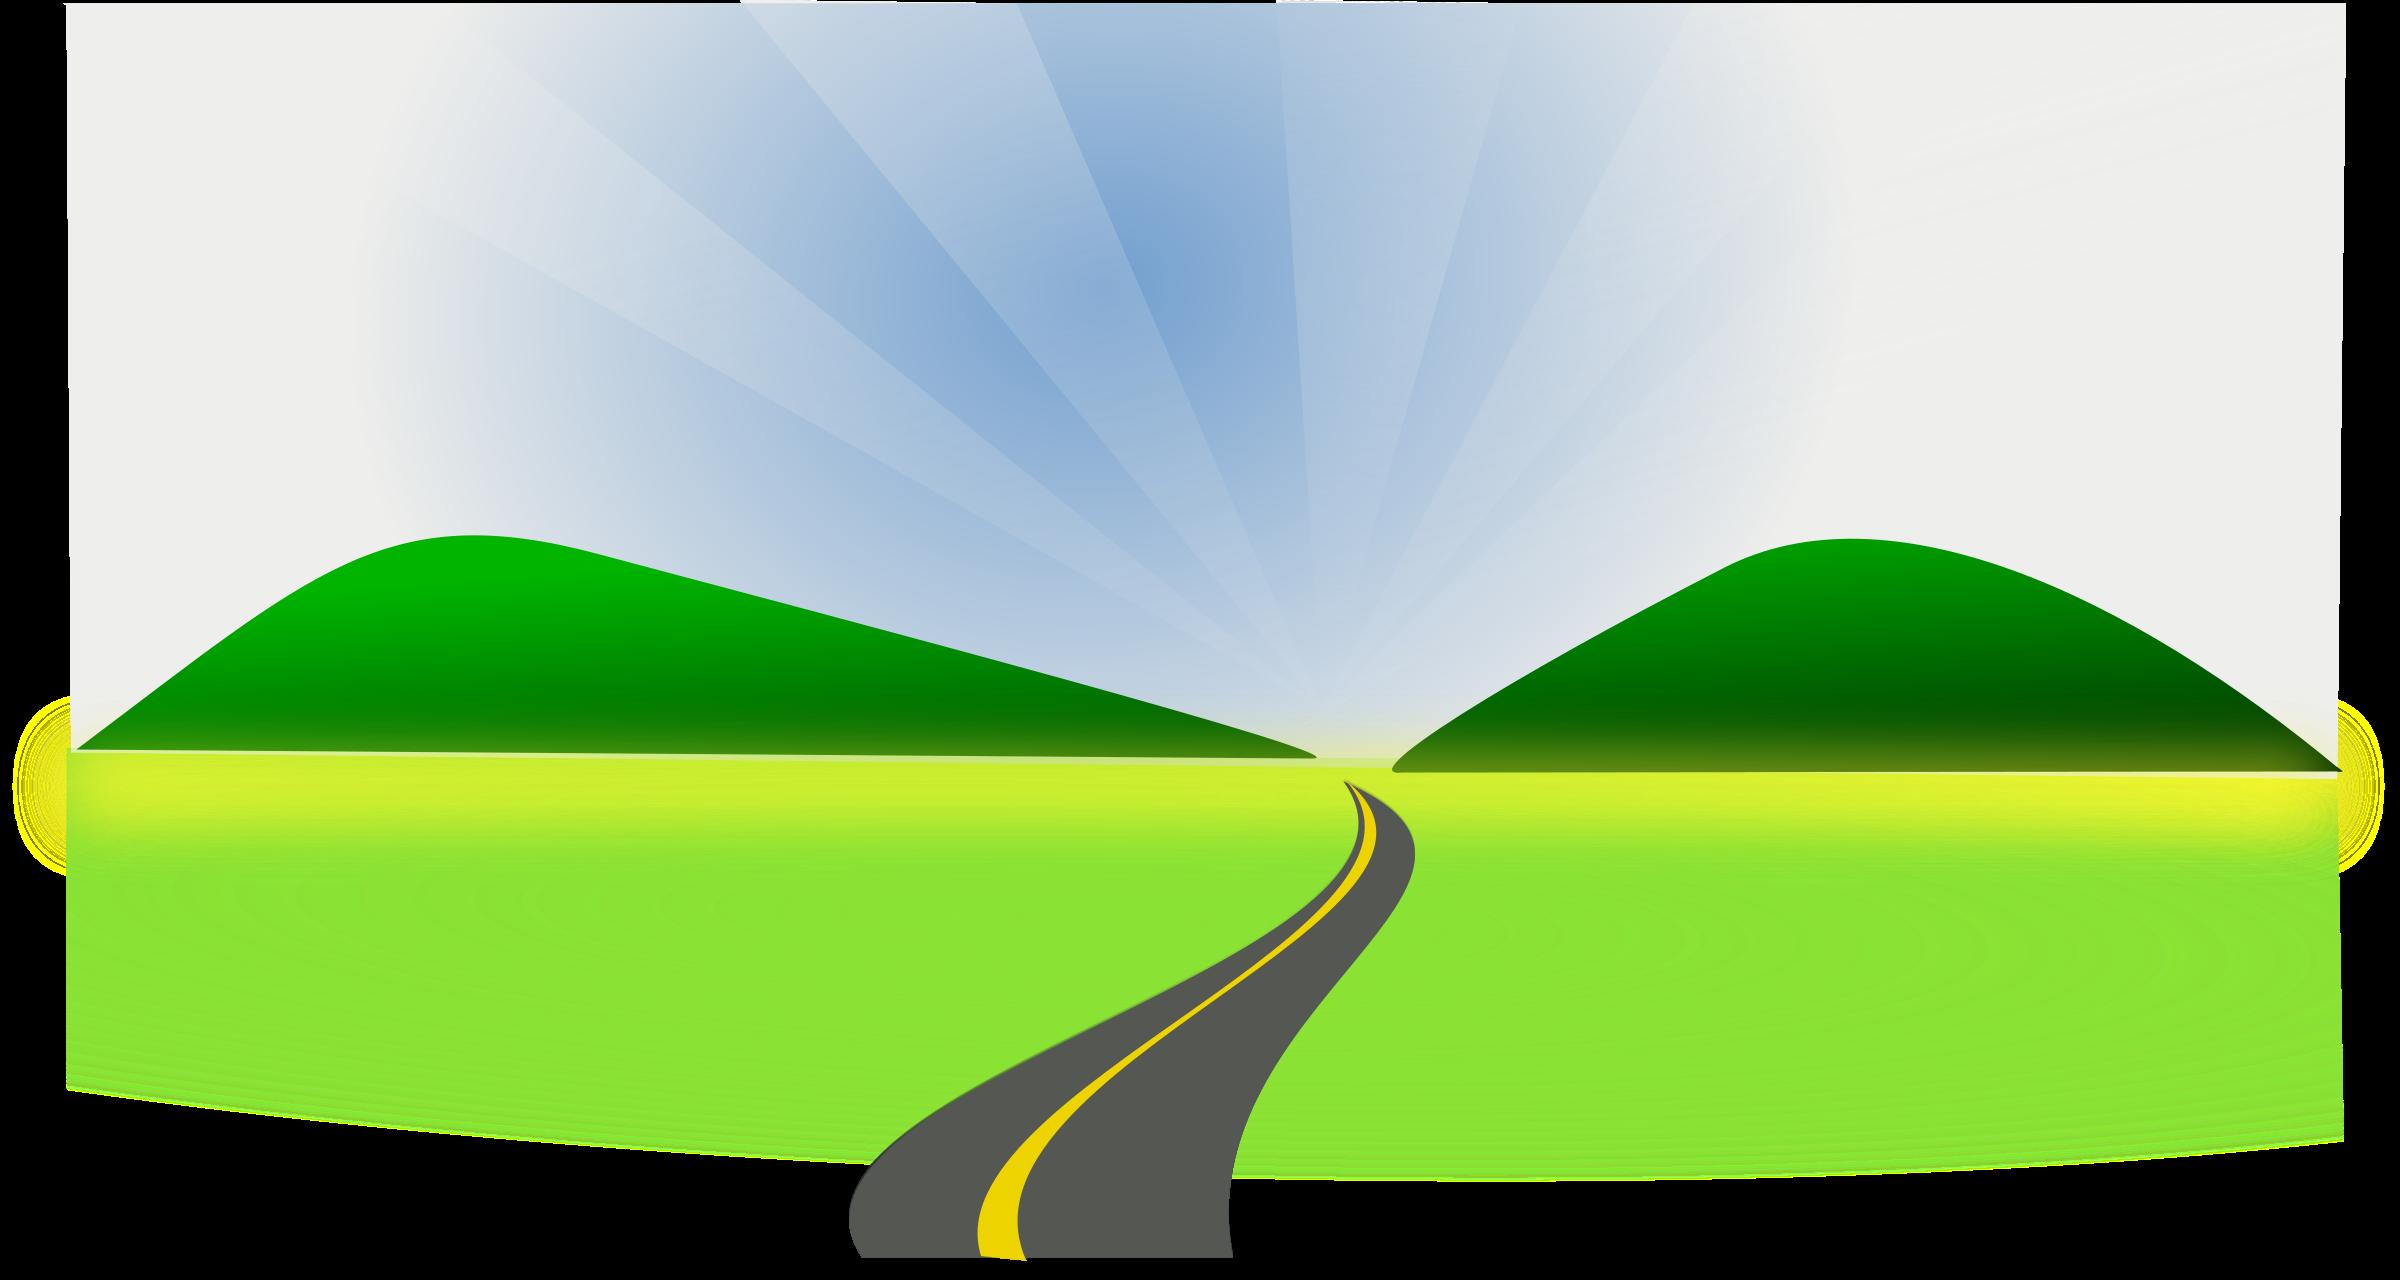 Road clipart open road #6